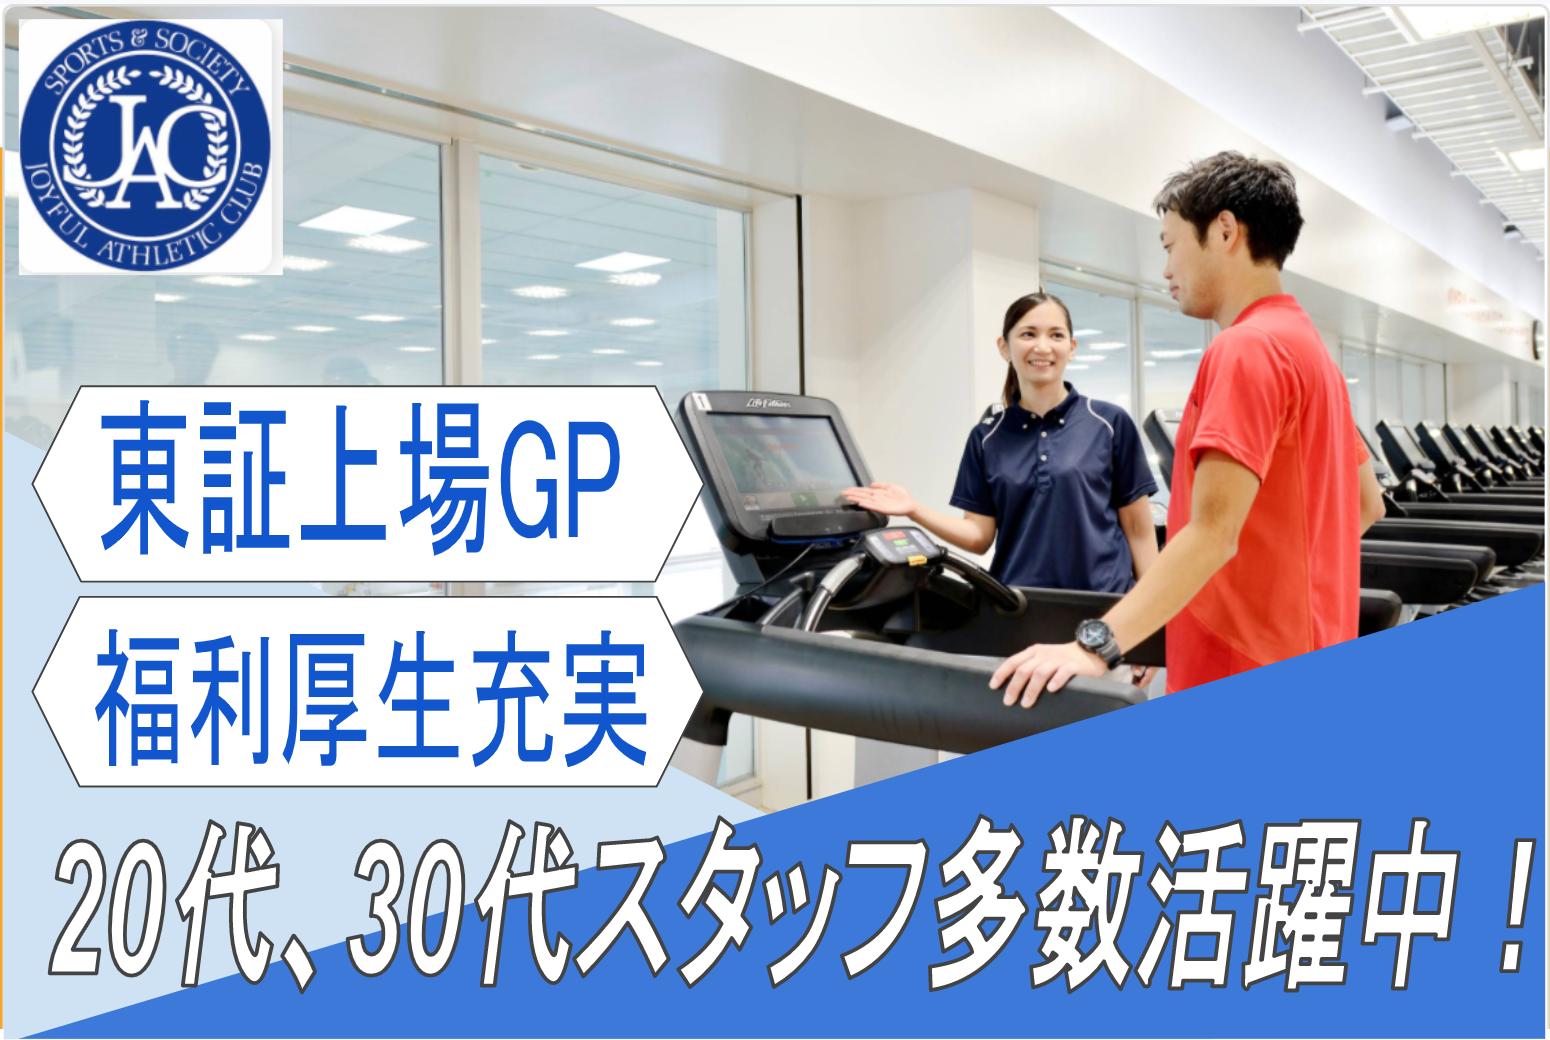 株式会社ジョイフルアスレティッククラブ千葉ニュータウン店